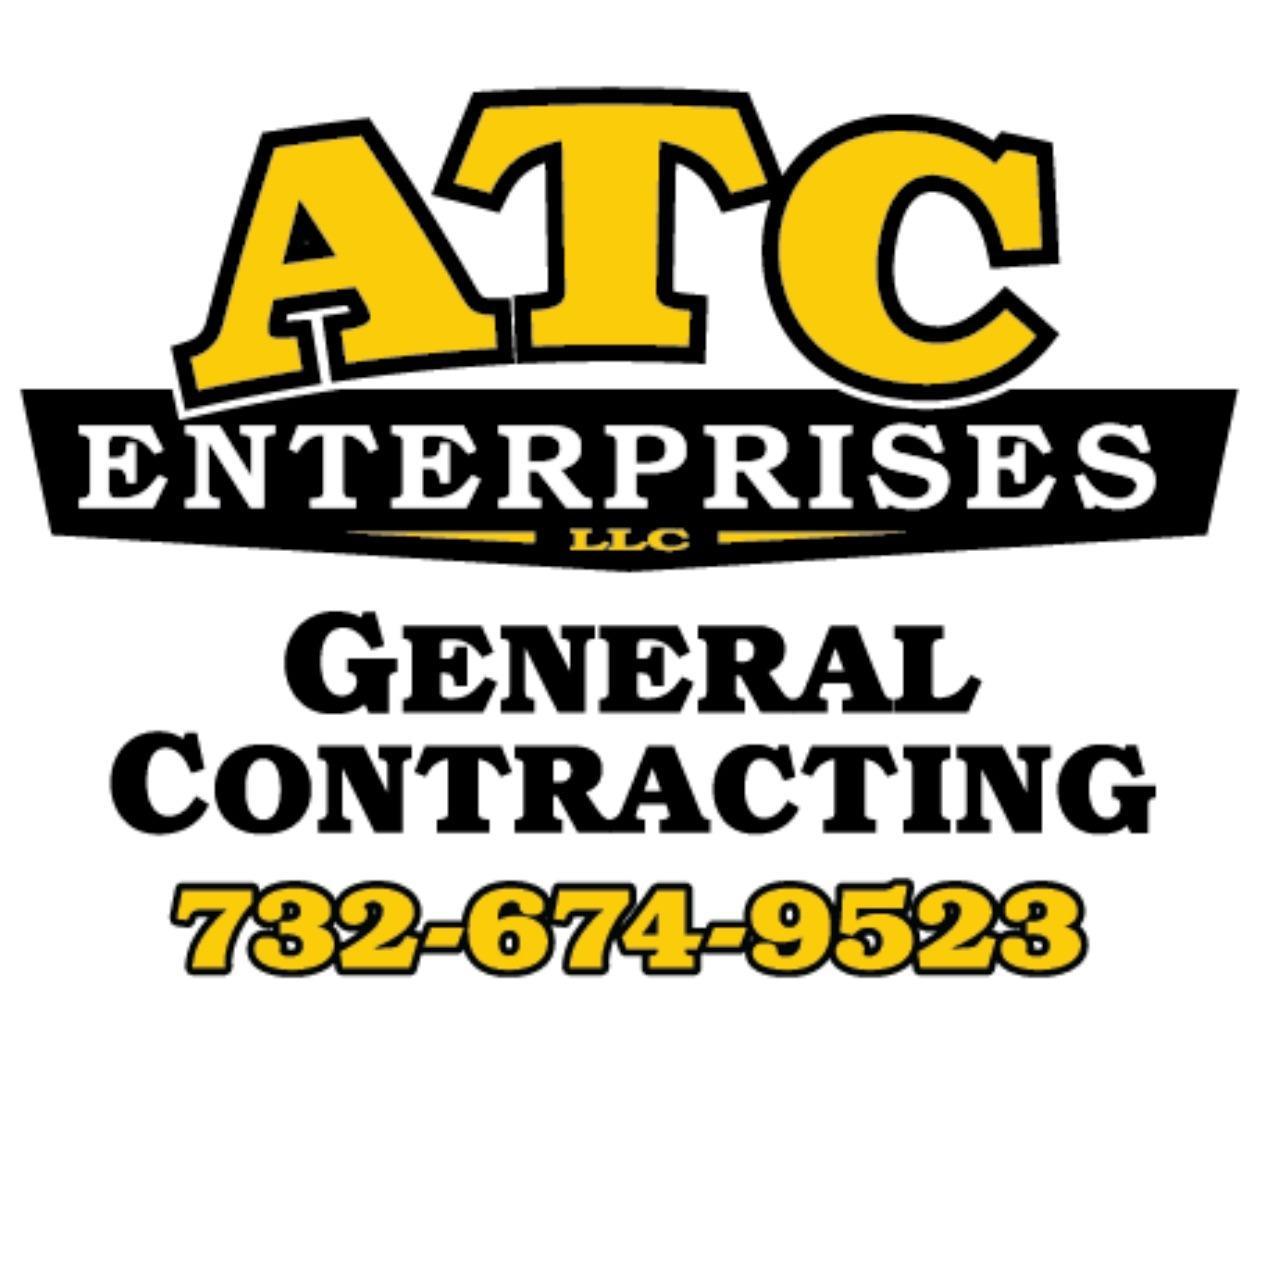 ATC Enterprises, LLC - Brick, NJ - General Contractors